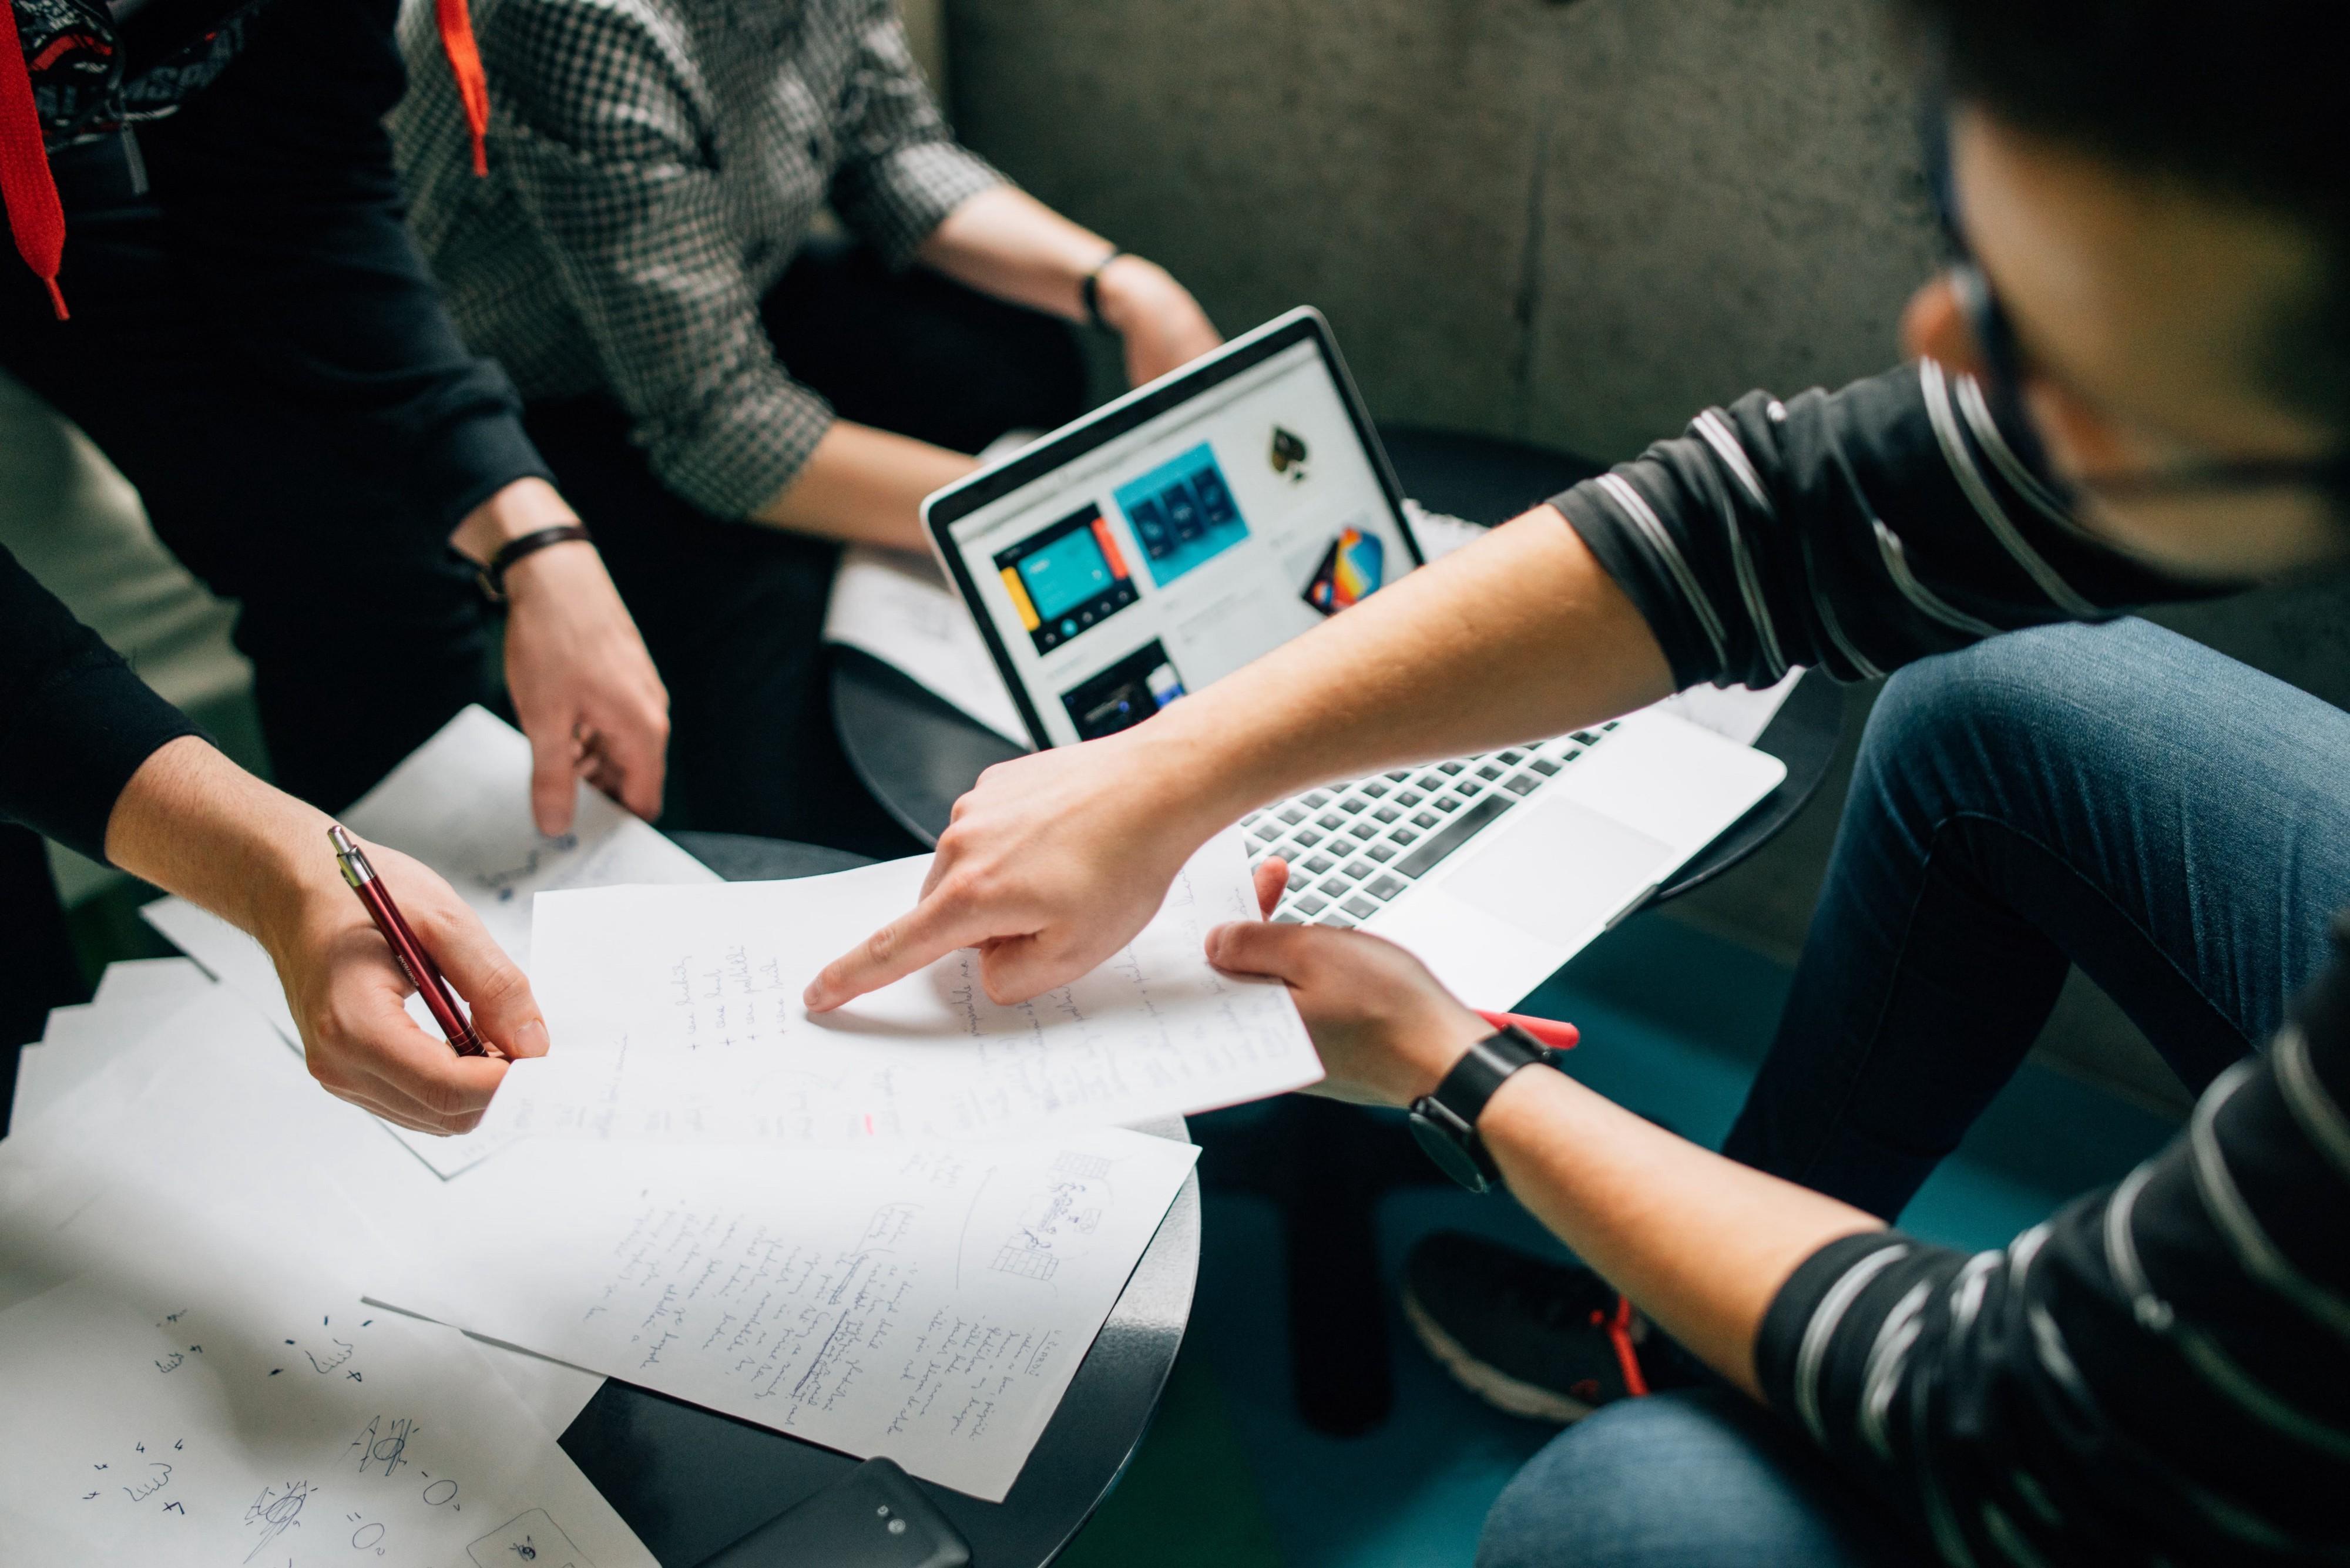 ۱۰ ویژگی که مدیر محصول خوب باید داشته باشه.